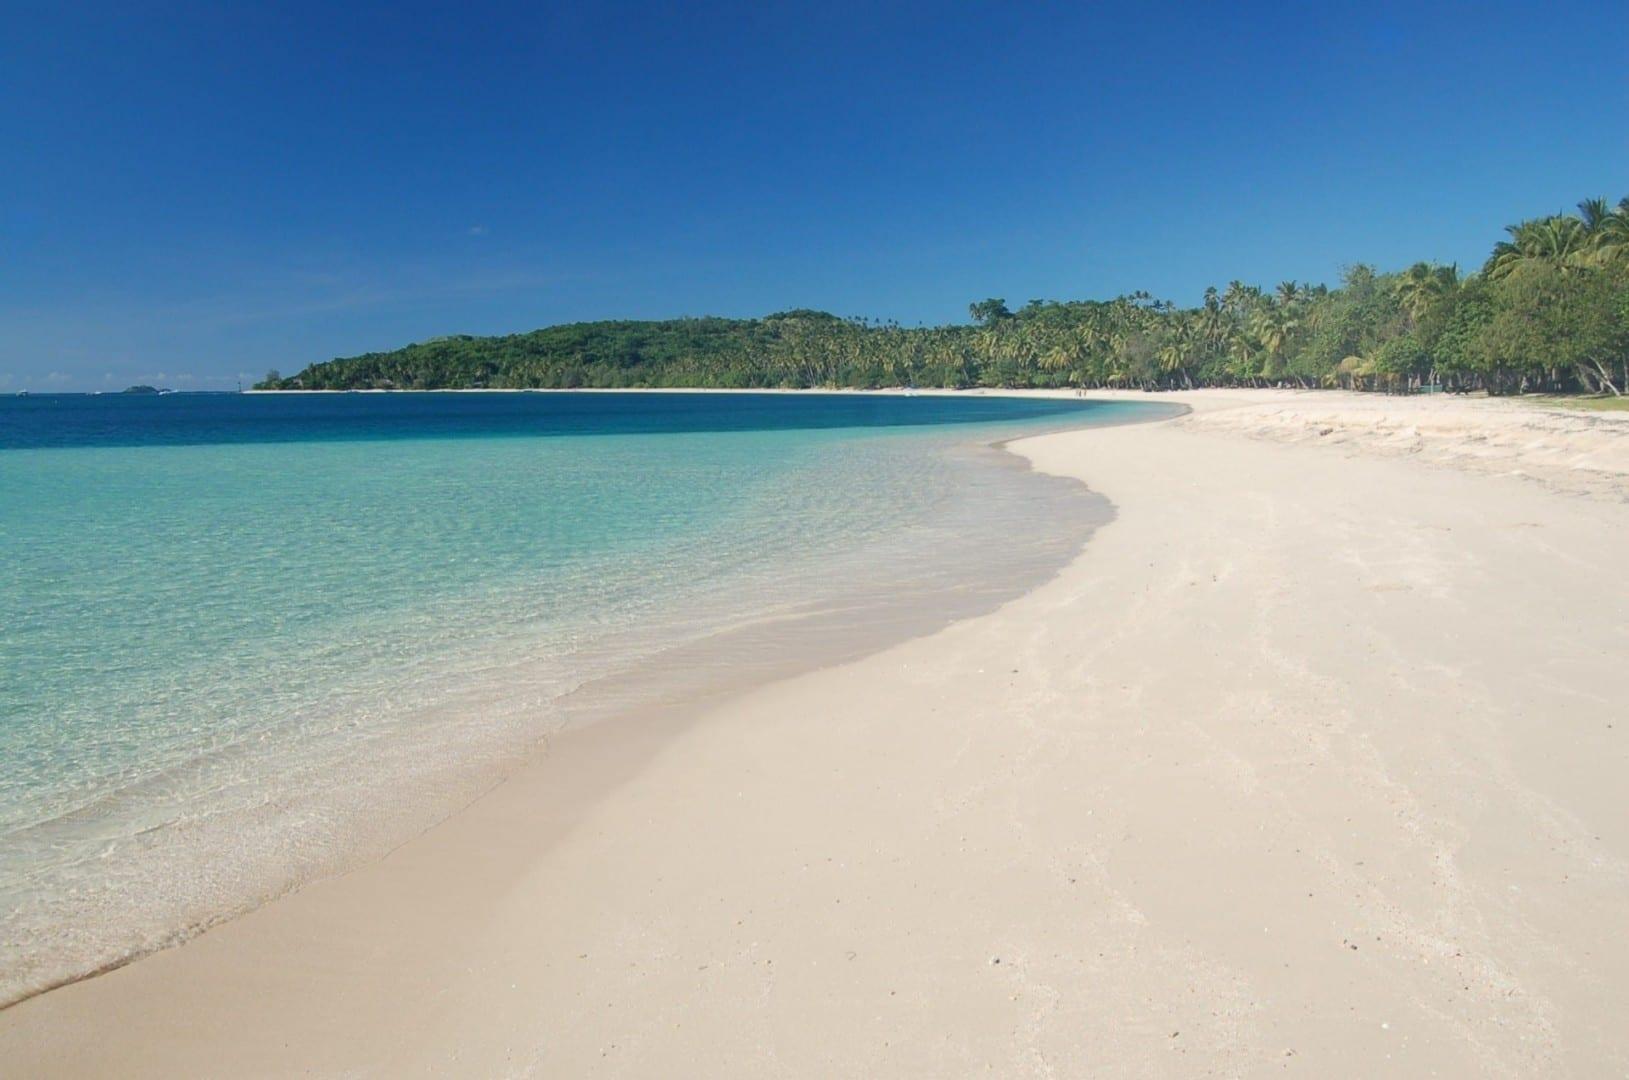 Una playa en Nanuya Lailai, una isla más pequeña en la cadena de Yasawa. Fiyi